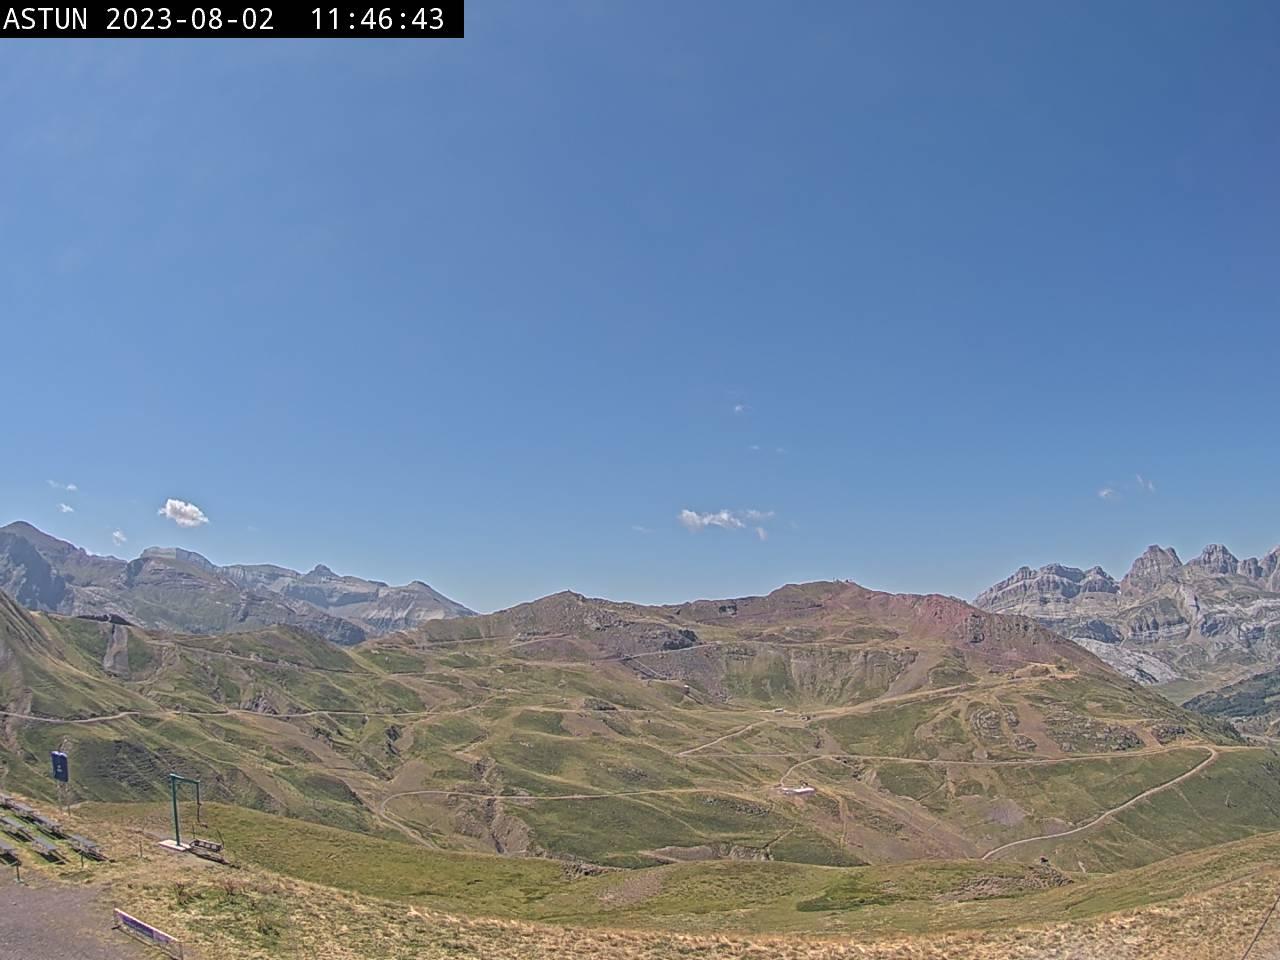 Webcams de Astún